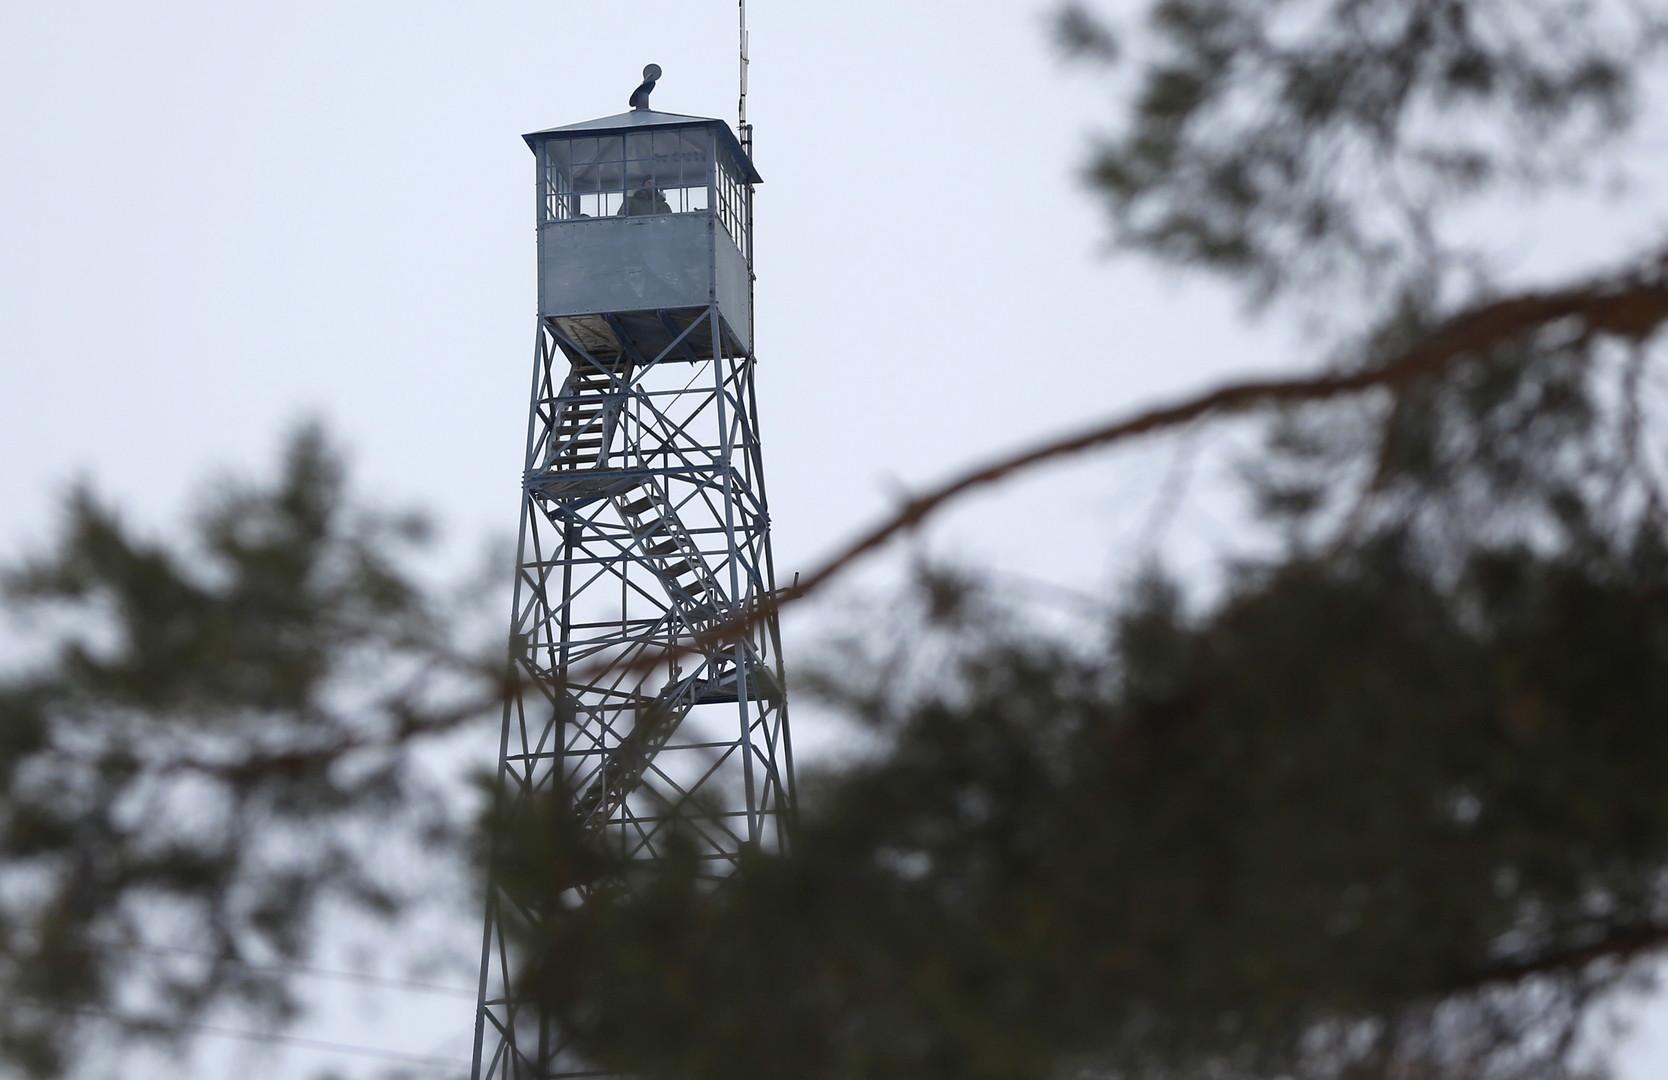 Des miliciens américains ont pris le contrôle d'un parc national dans l'Oregon